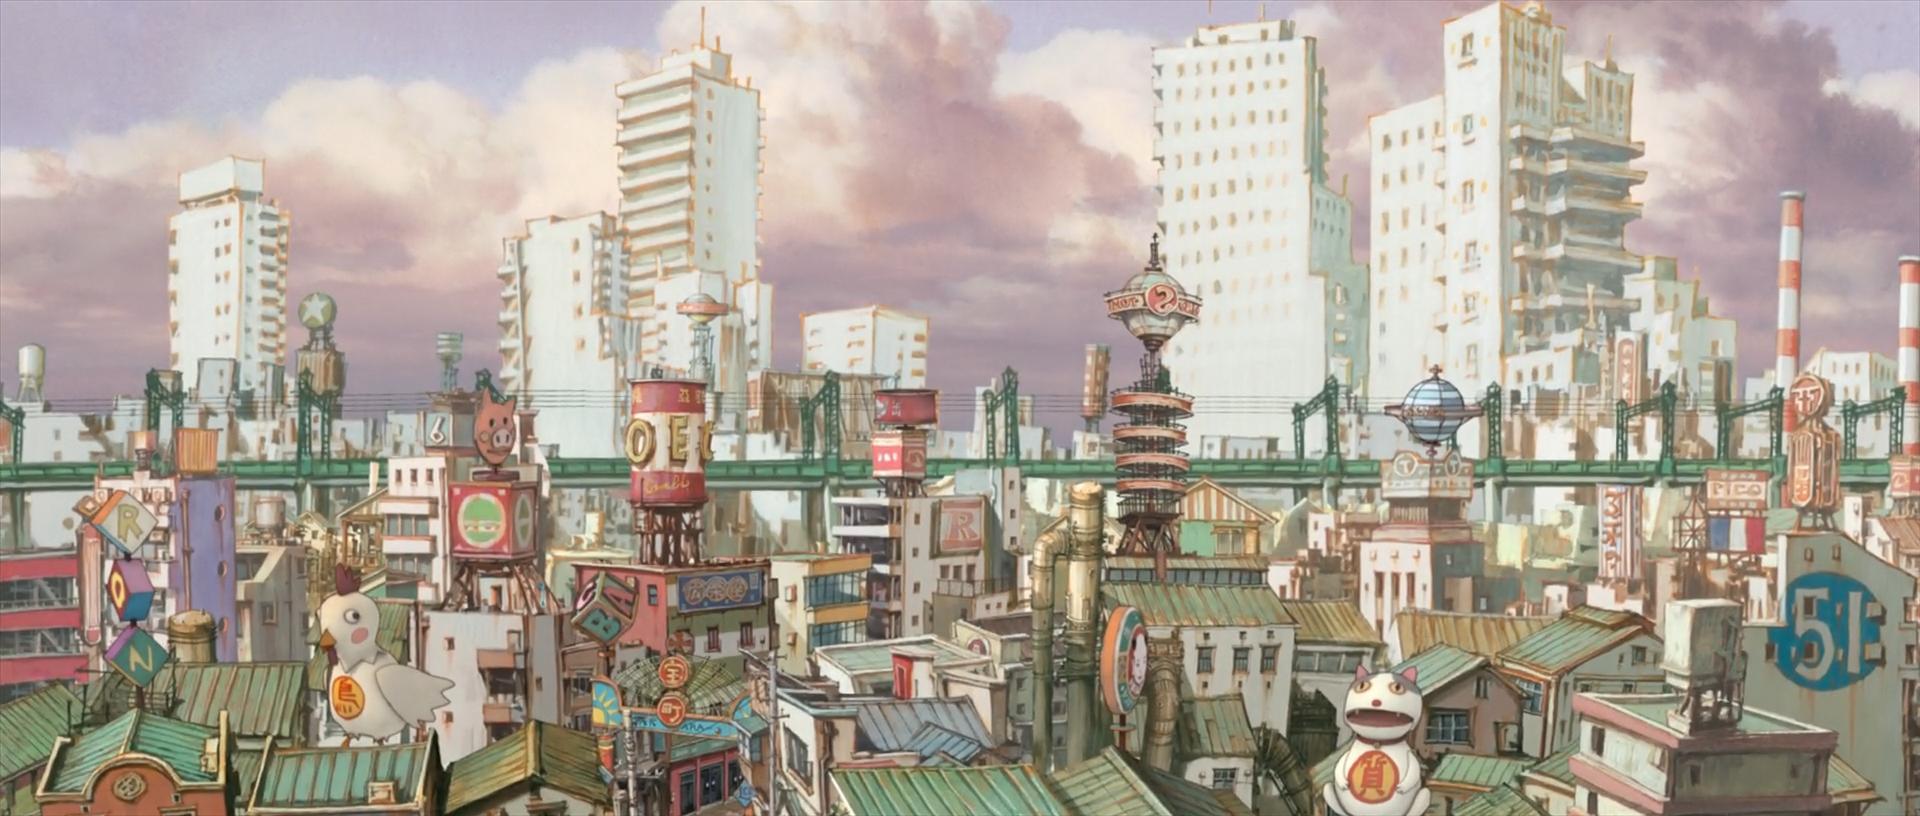 L'univers manga de Tekkon Kinkreet